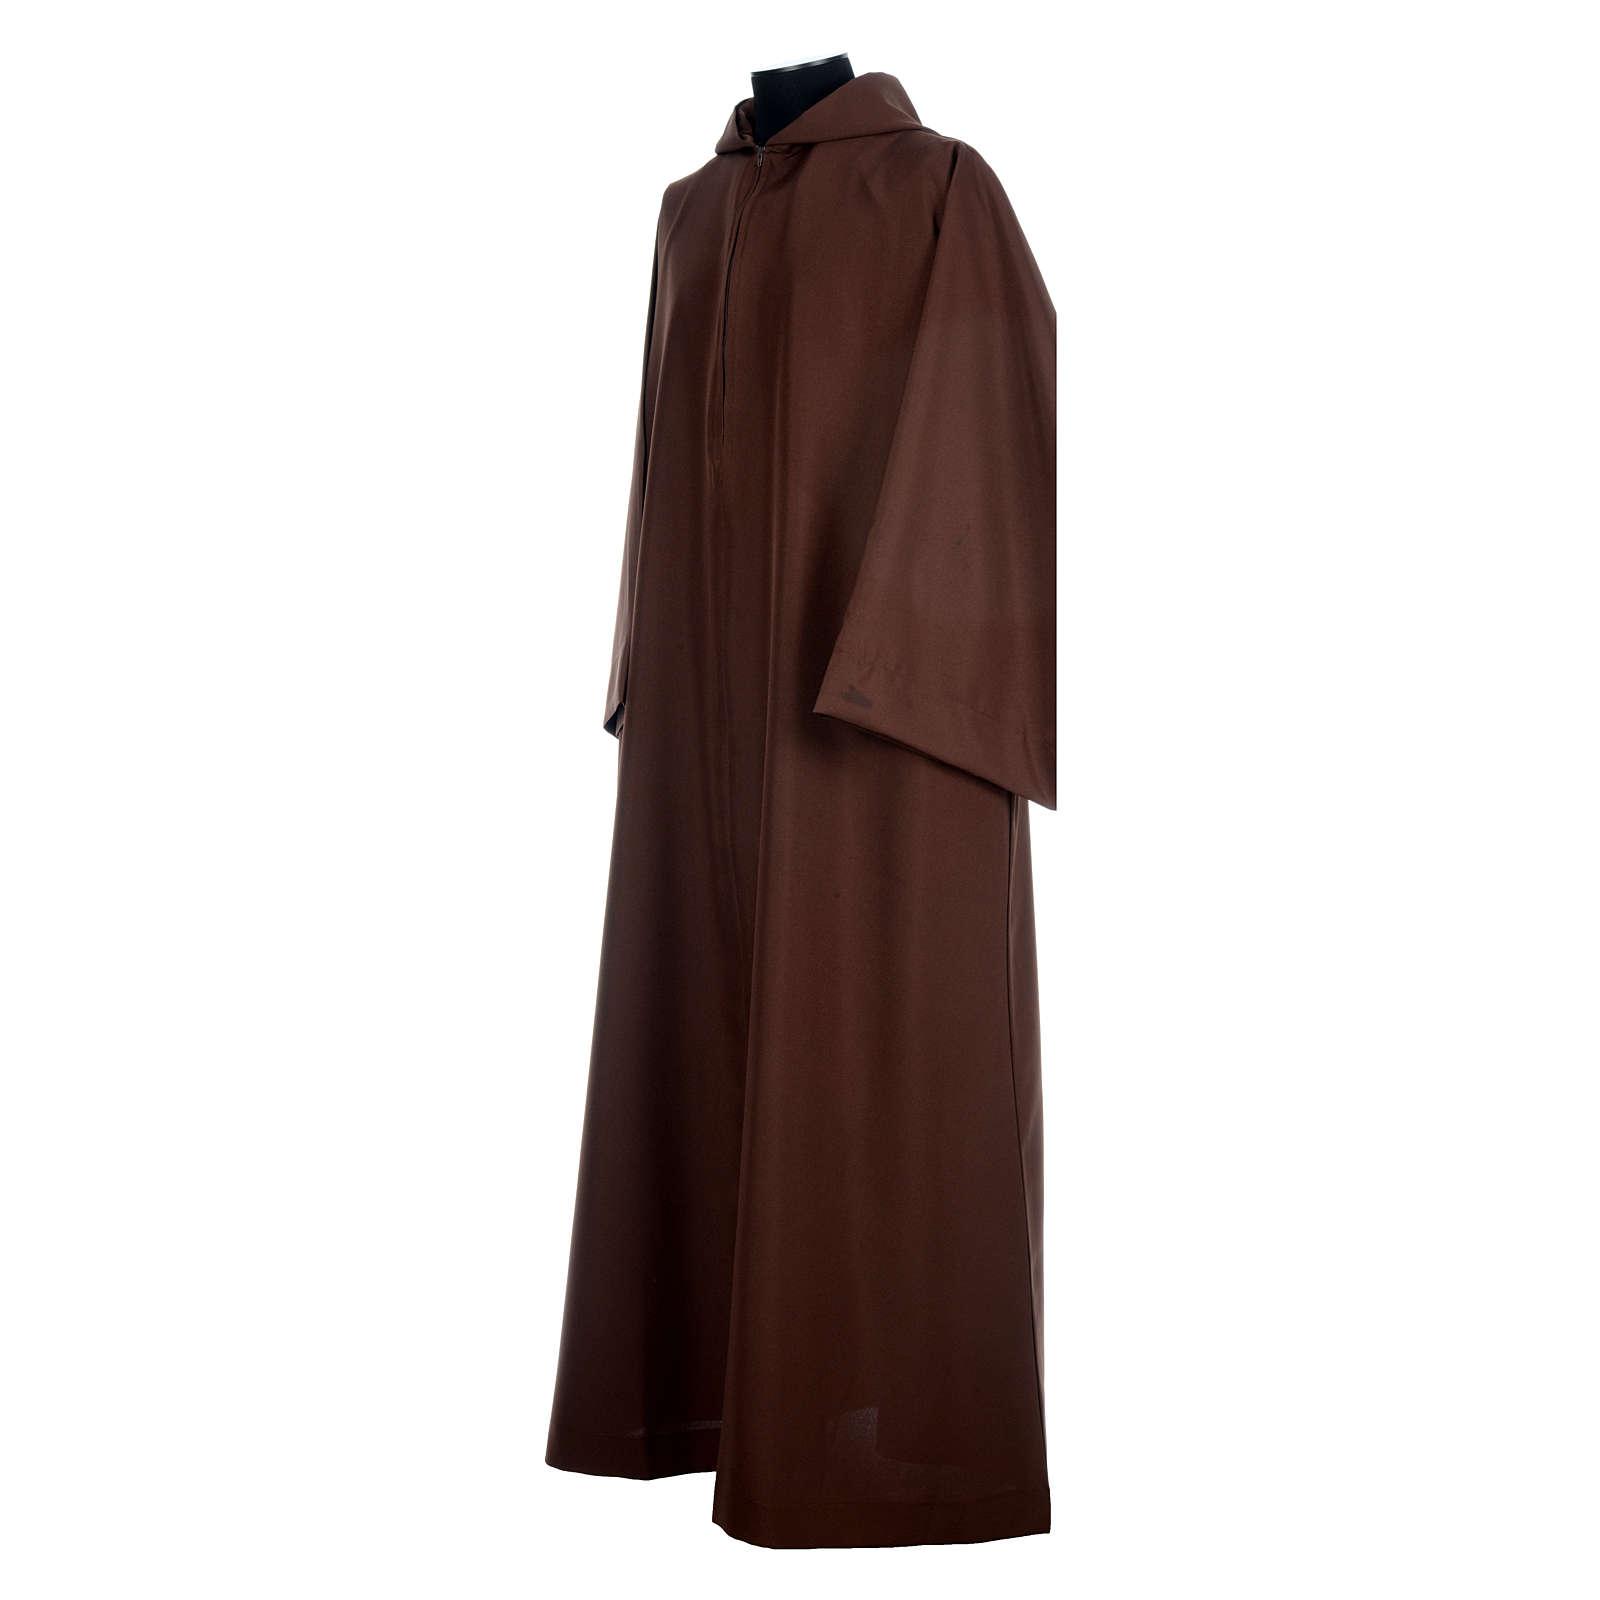 Hábito franciscano marrón poliéster 4